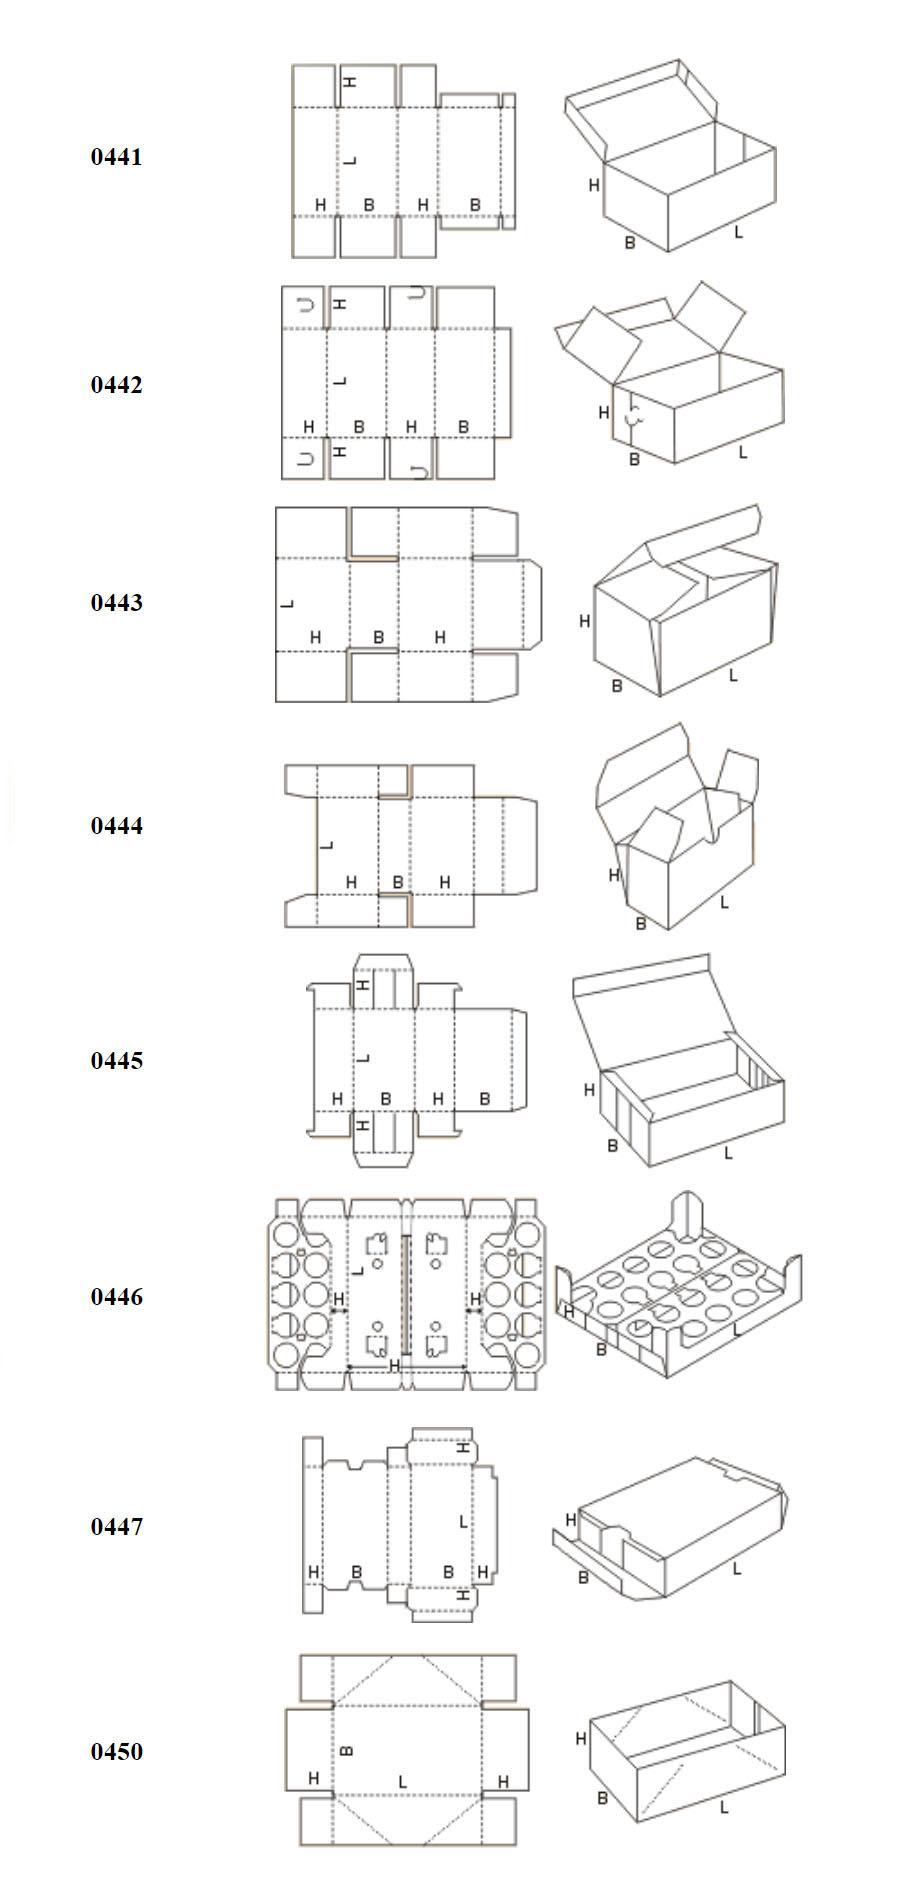 Виды коробок FEFCO 04xx